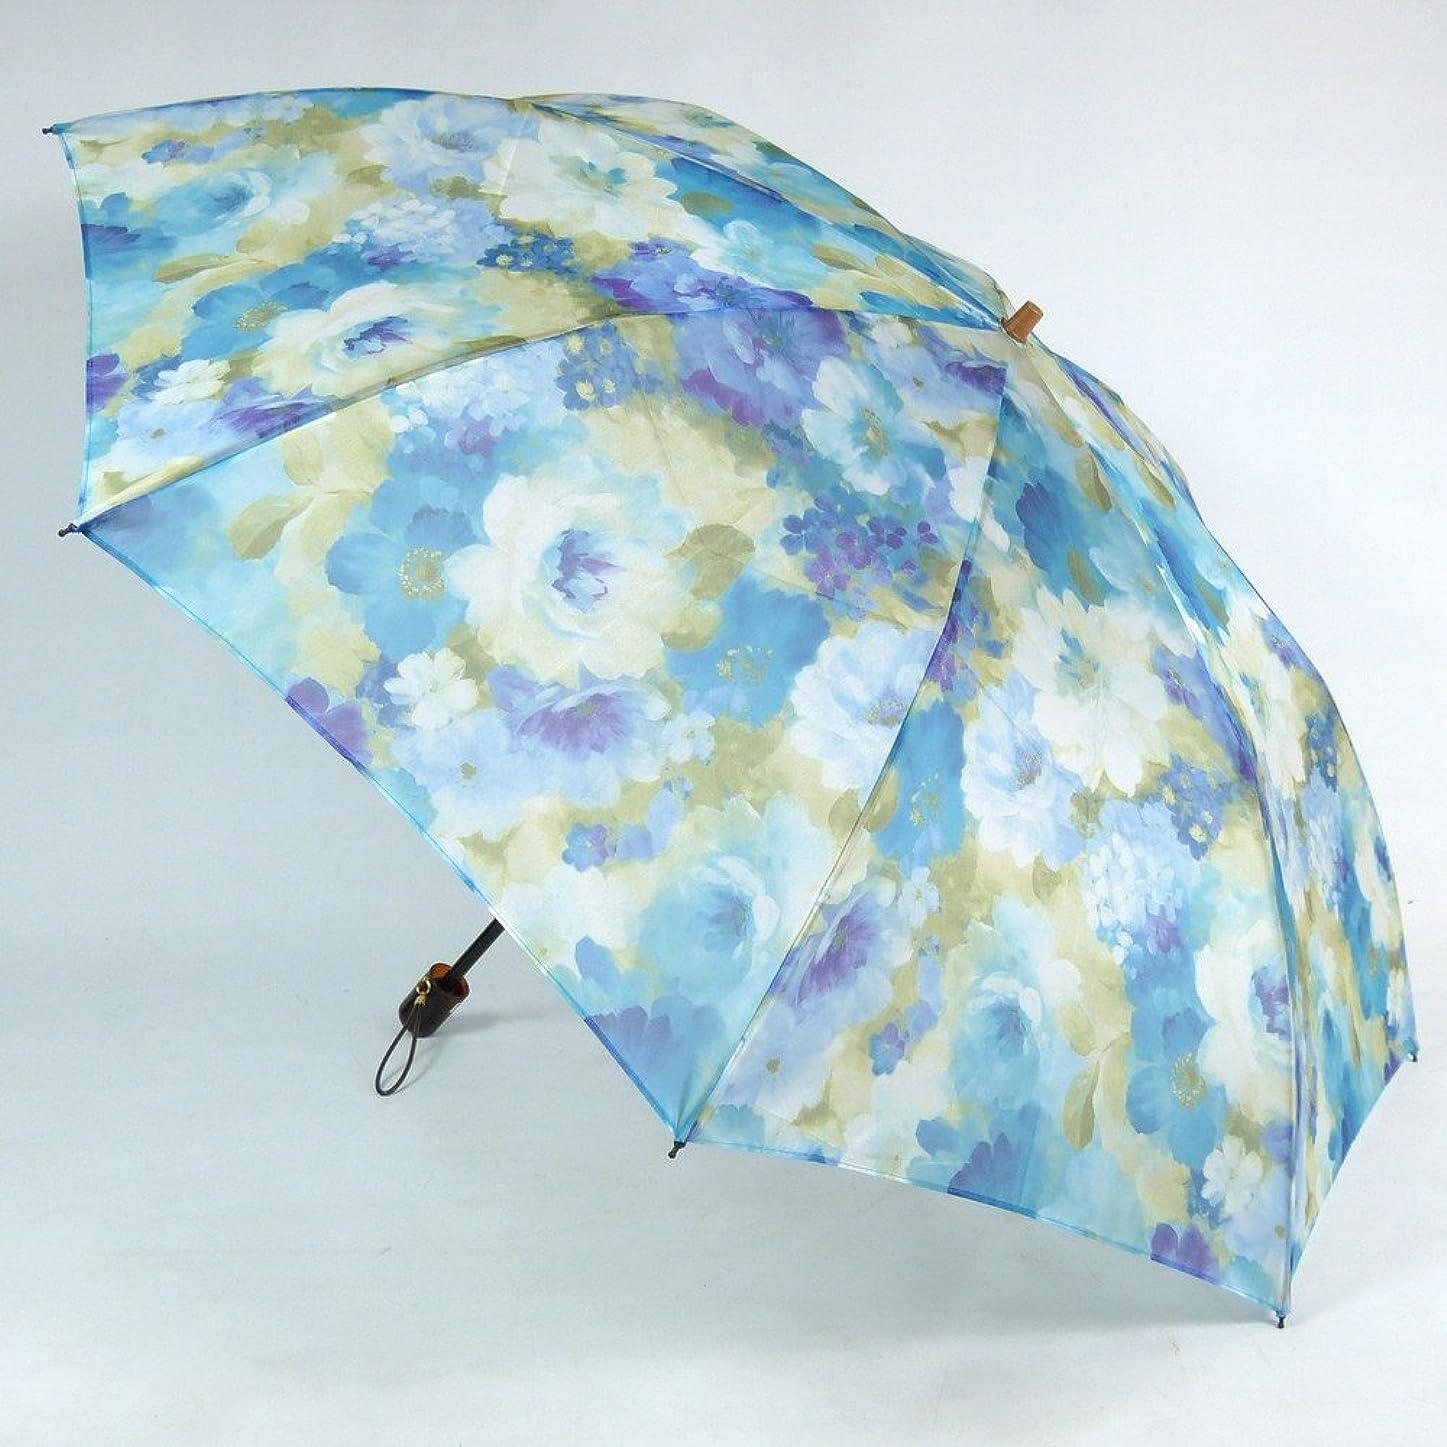 愛する理解大声でレディース雨傘 折傘 2段式 オーガンジーアンブレラ 「マスターフラワー」 花柄 軽量 おしゃれ 雨晴兼用雨傘 uvカット加工 折りたたみ傘 日本製 エイト 26059 スカイブルー/シアン